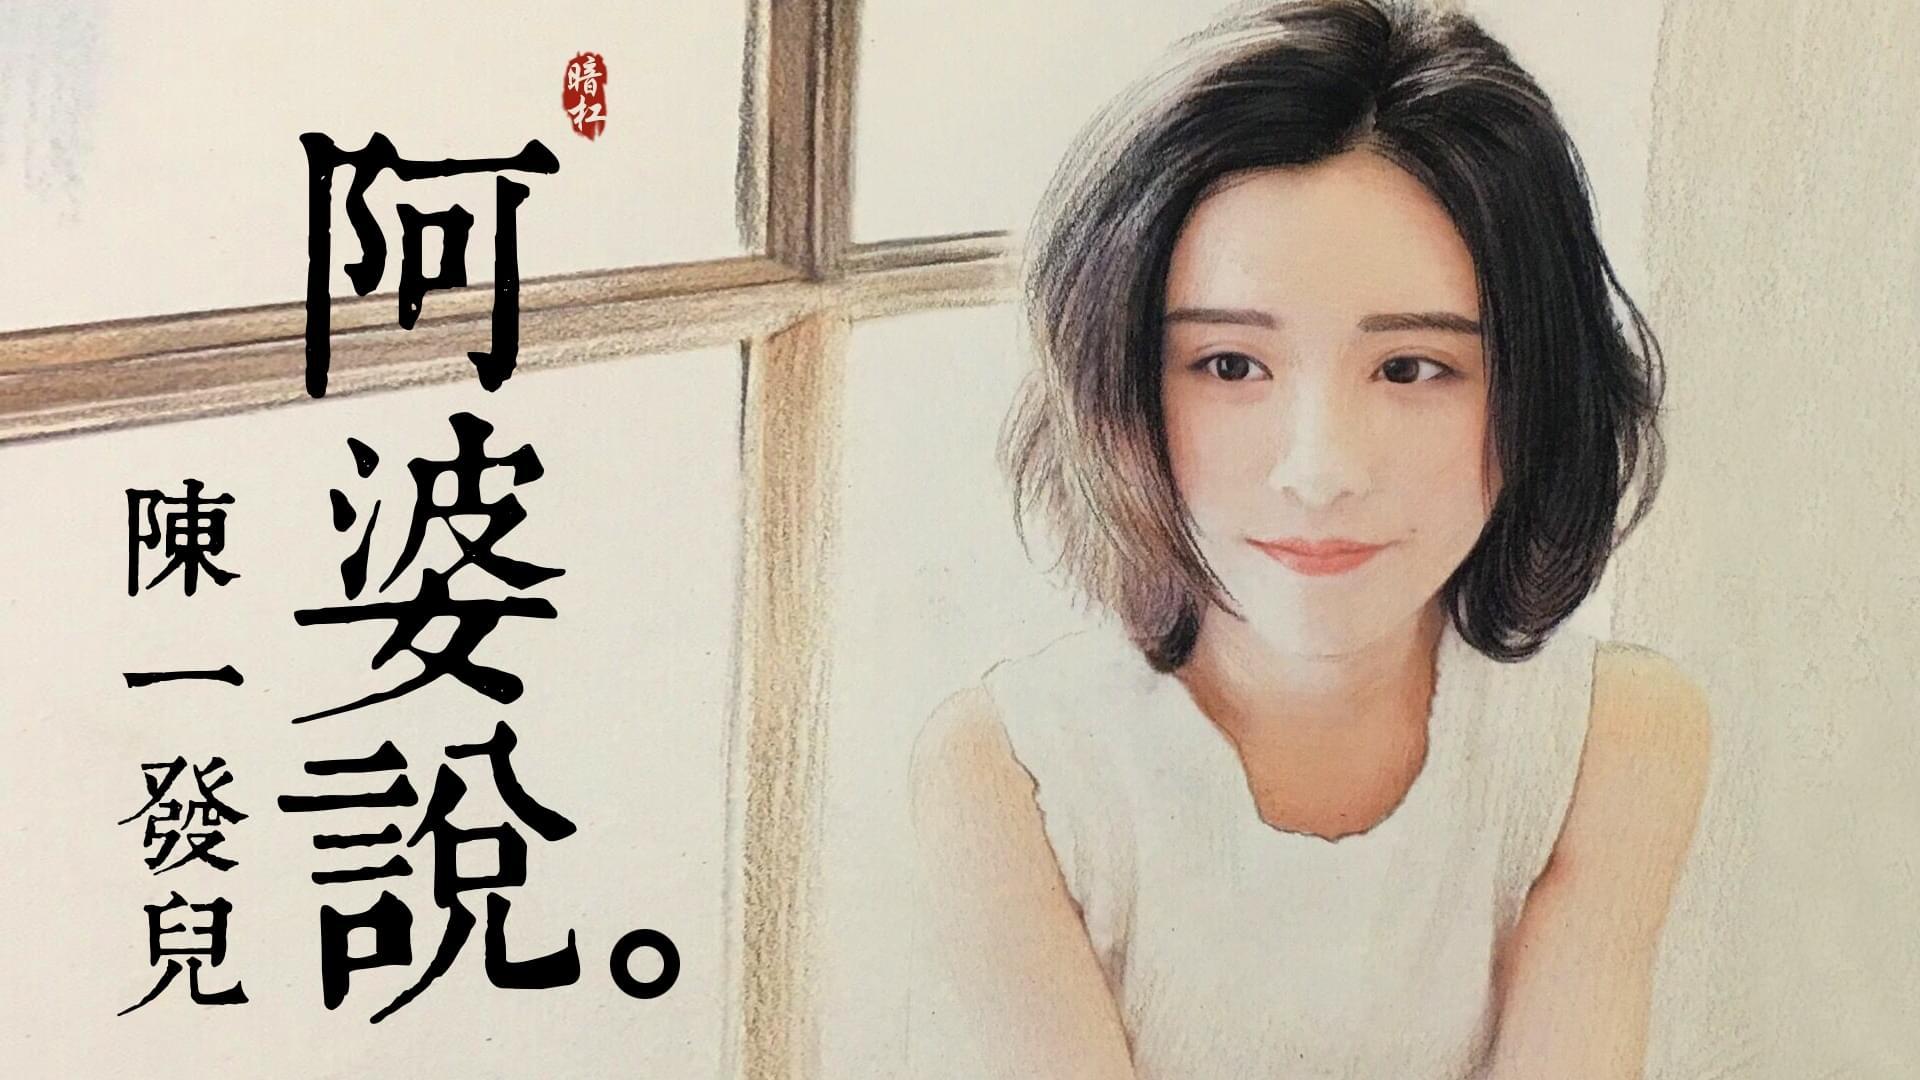 陈一发儿新单曲《阿婆说》全网首发即取得佳绩